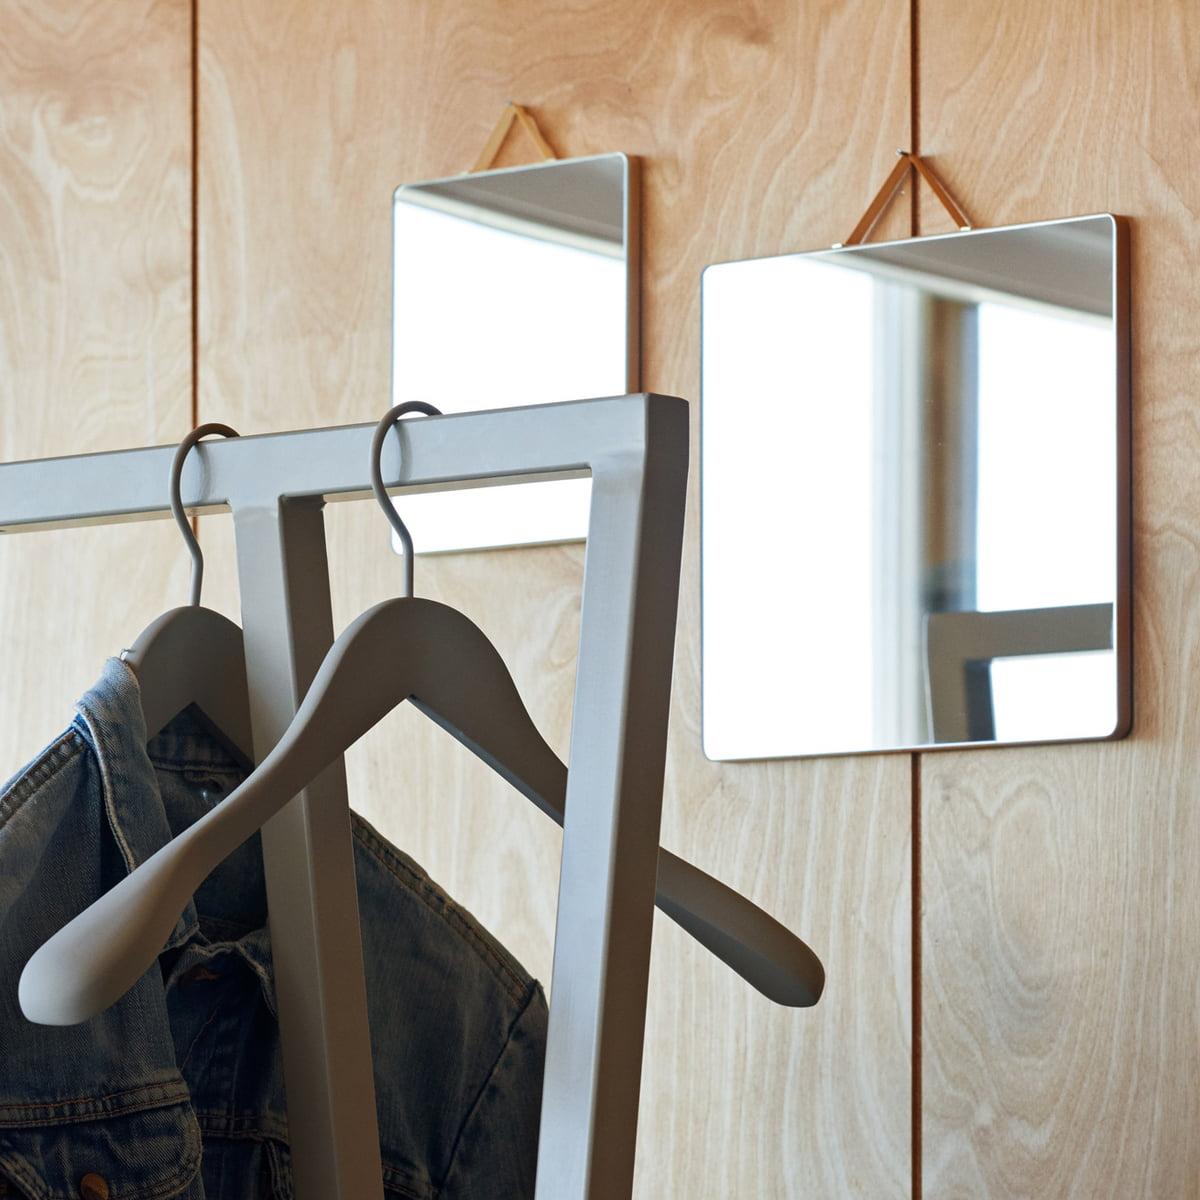 Ruban spiegel von hay bei kaufen - Keine spiegel im schlafzimmer ...